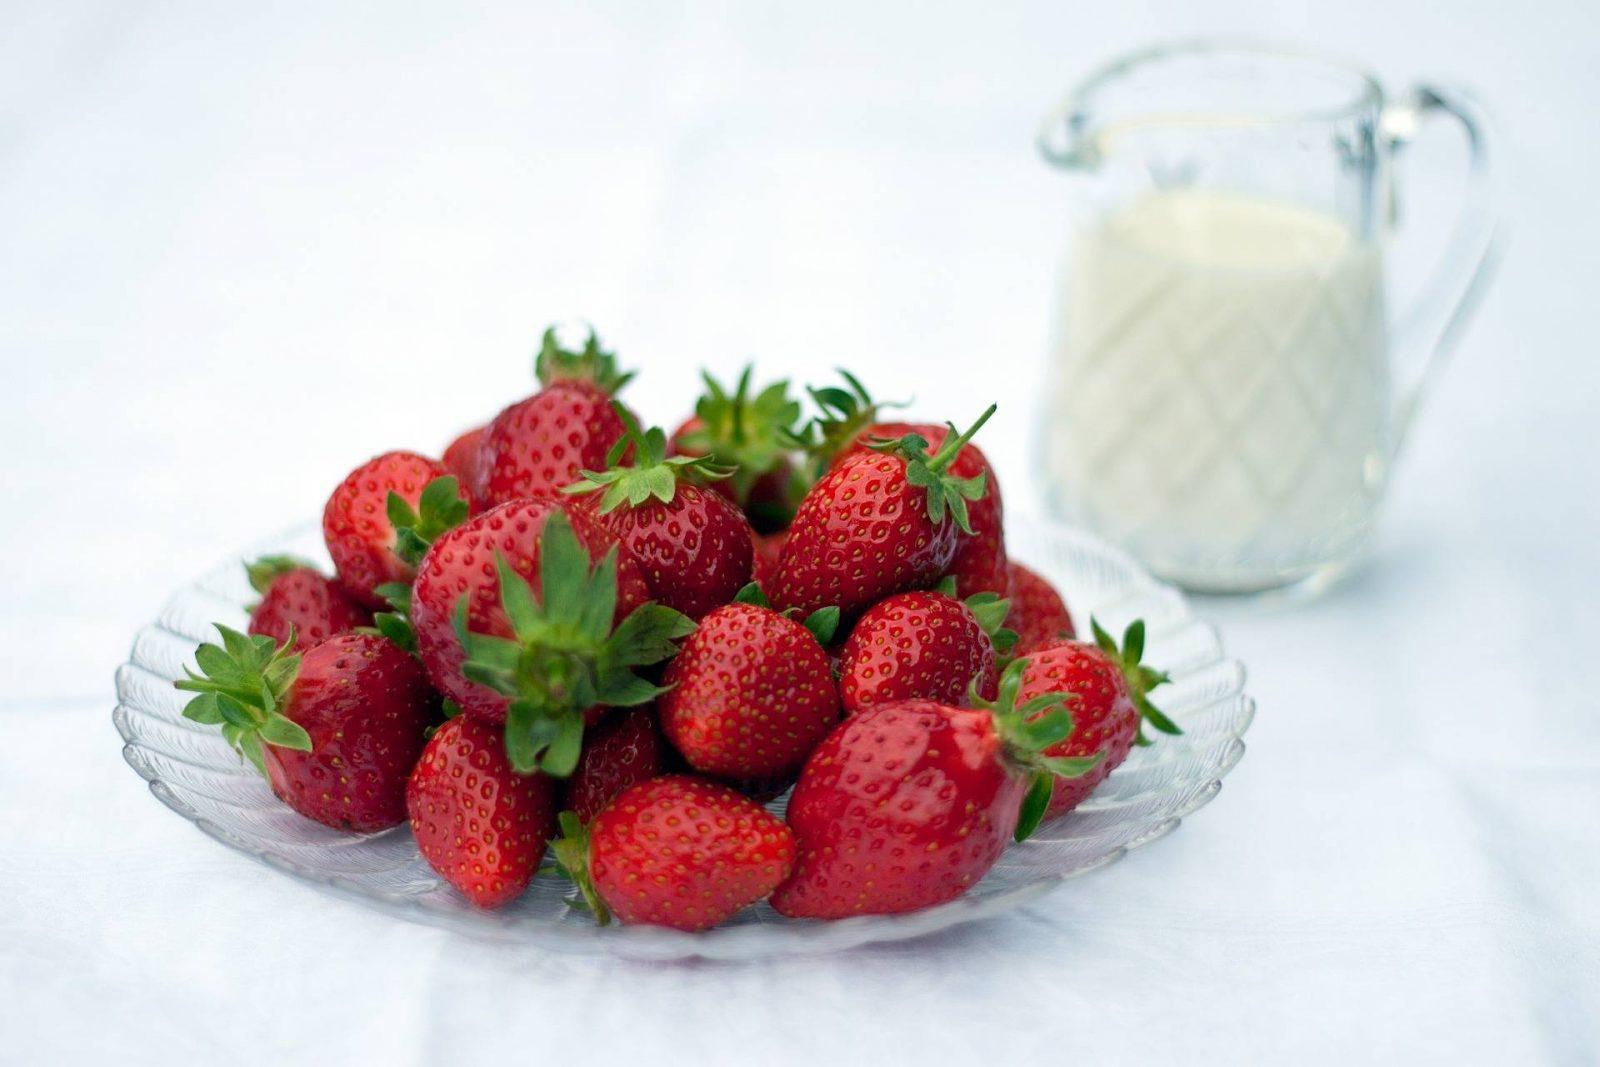 strawberries-411646_1920